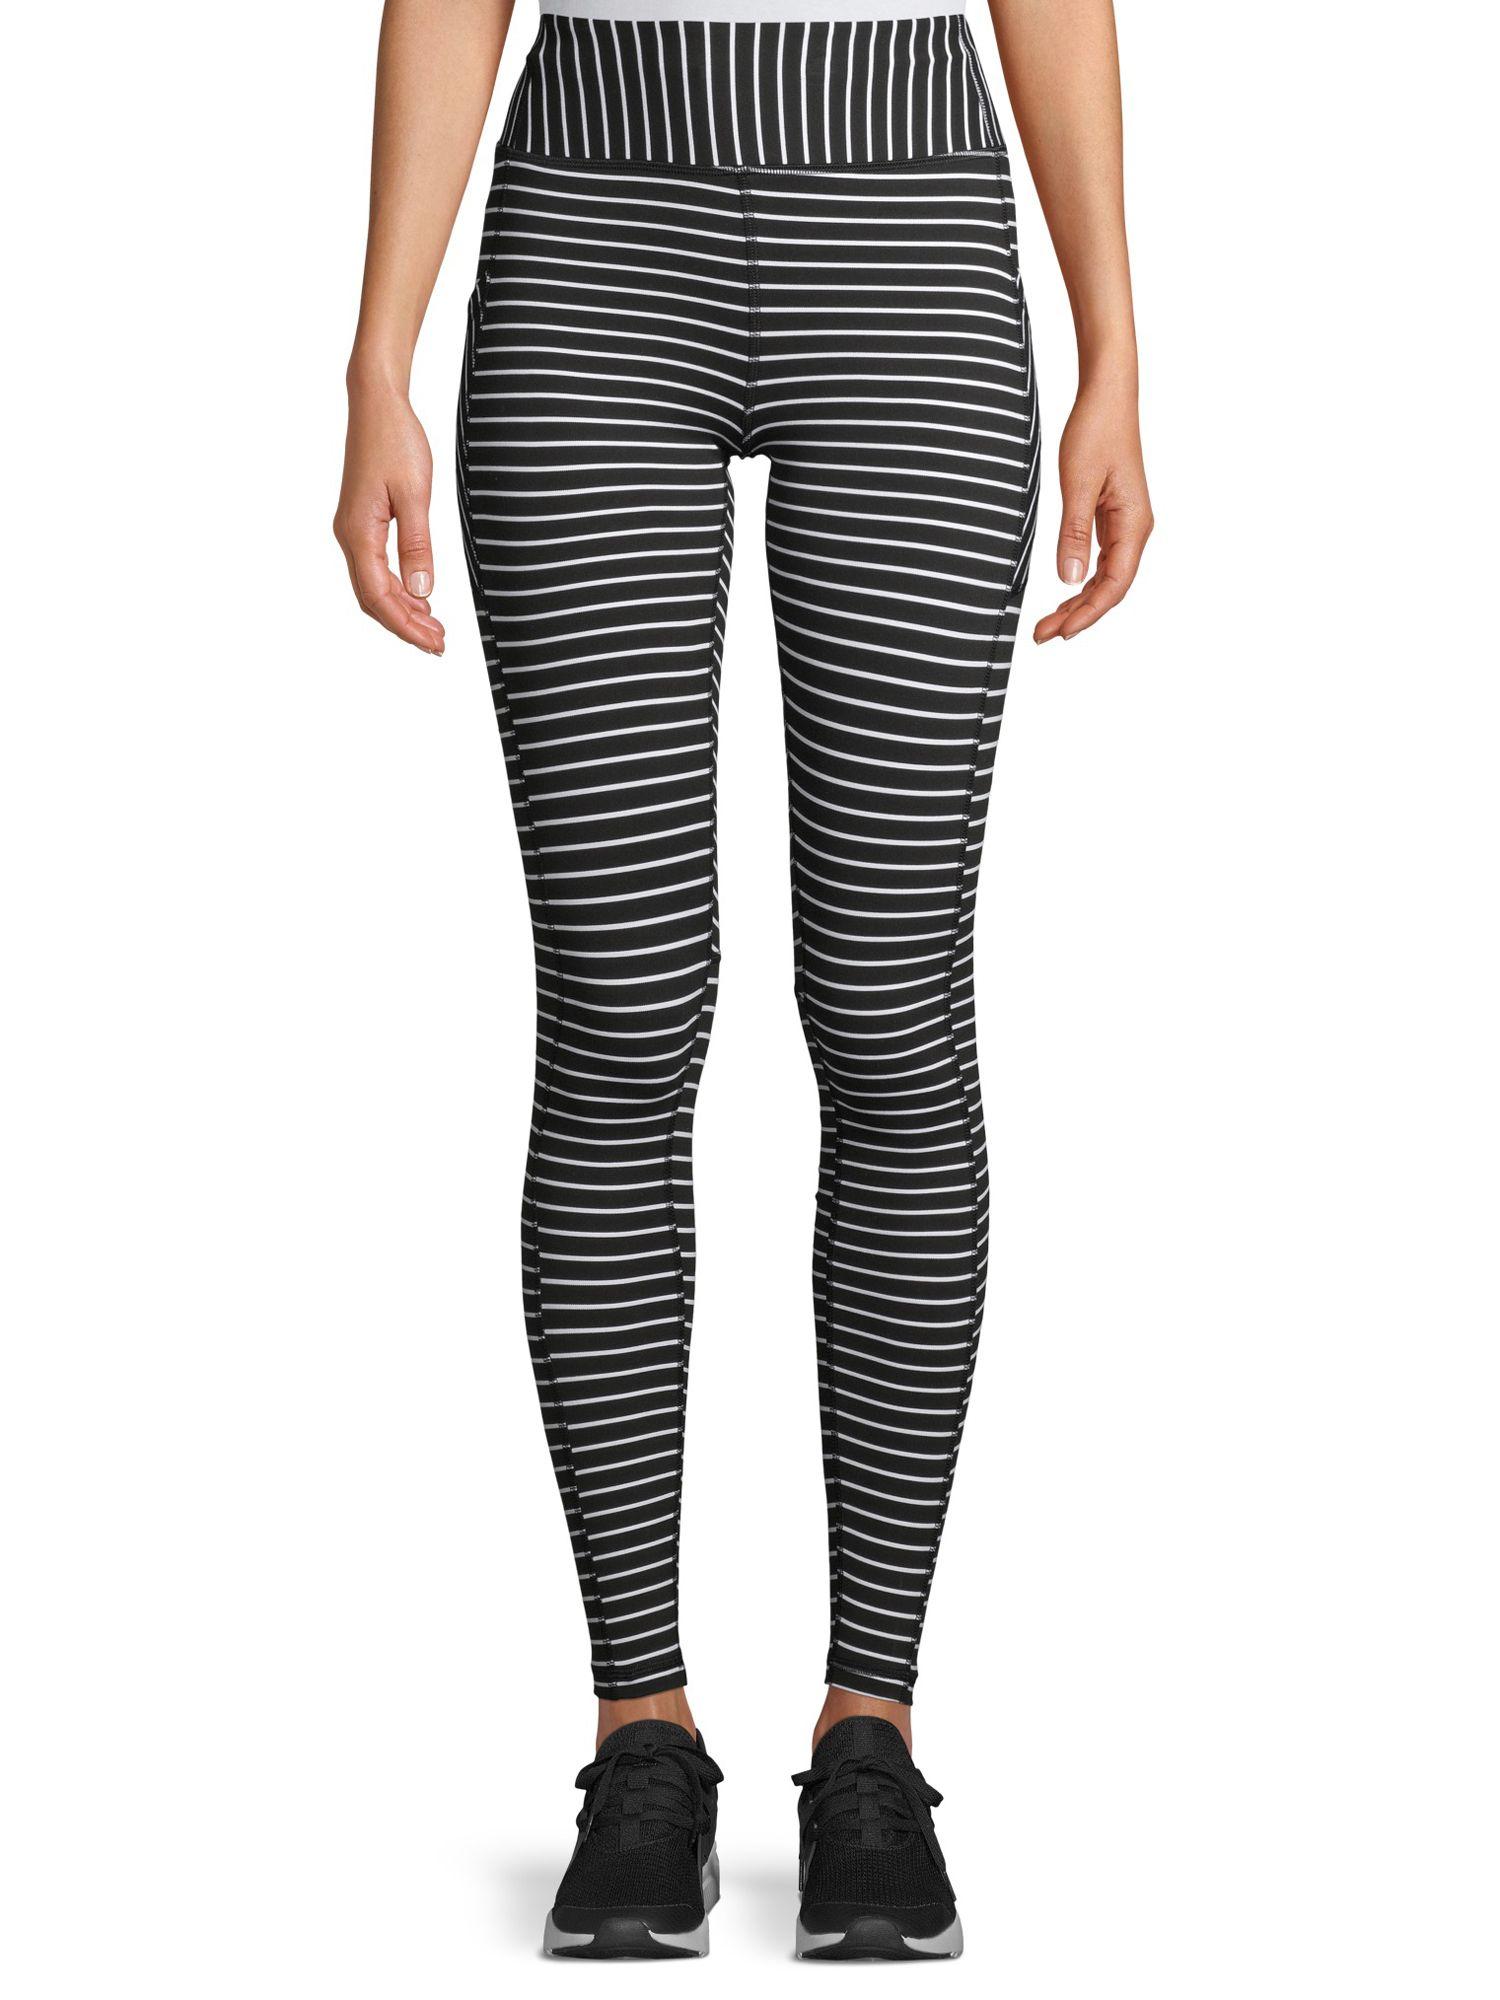 Avia - Avia Women's Active Performance Black and White Stripe Leggings - Walmart.com #stripedleggings